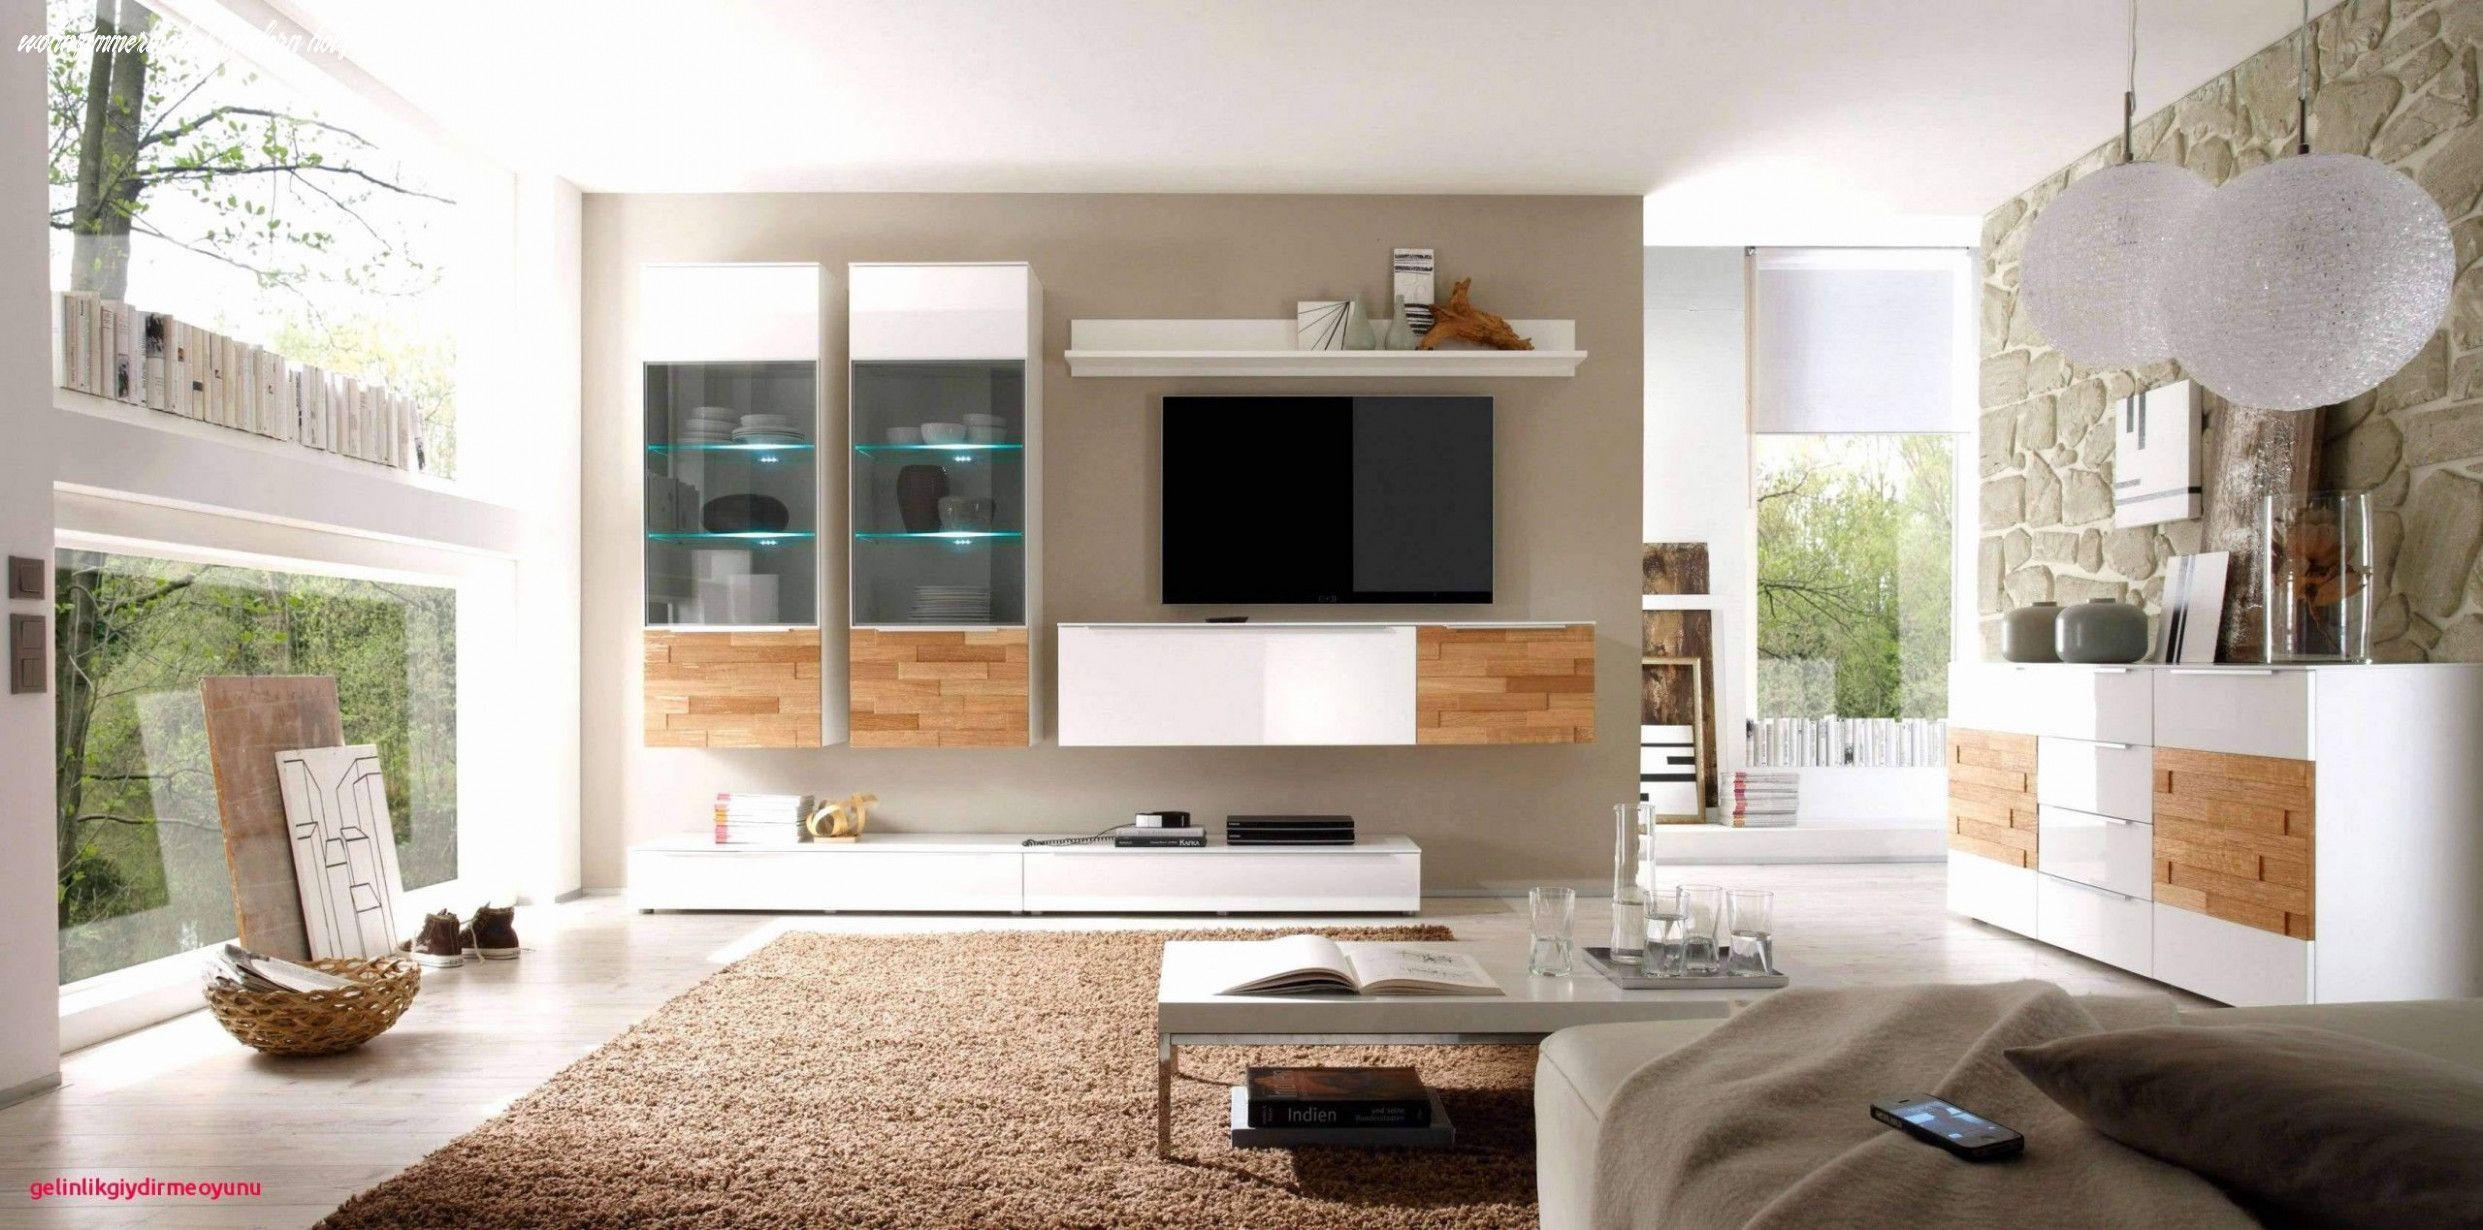 Wie Wohnzimmermöbel Modern Holz Ihren Gewinn Steigern Kann! in